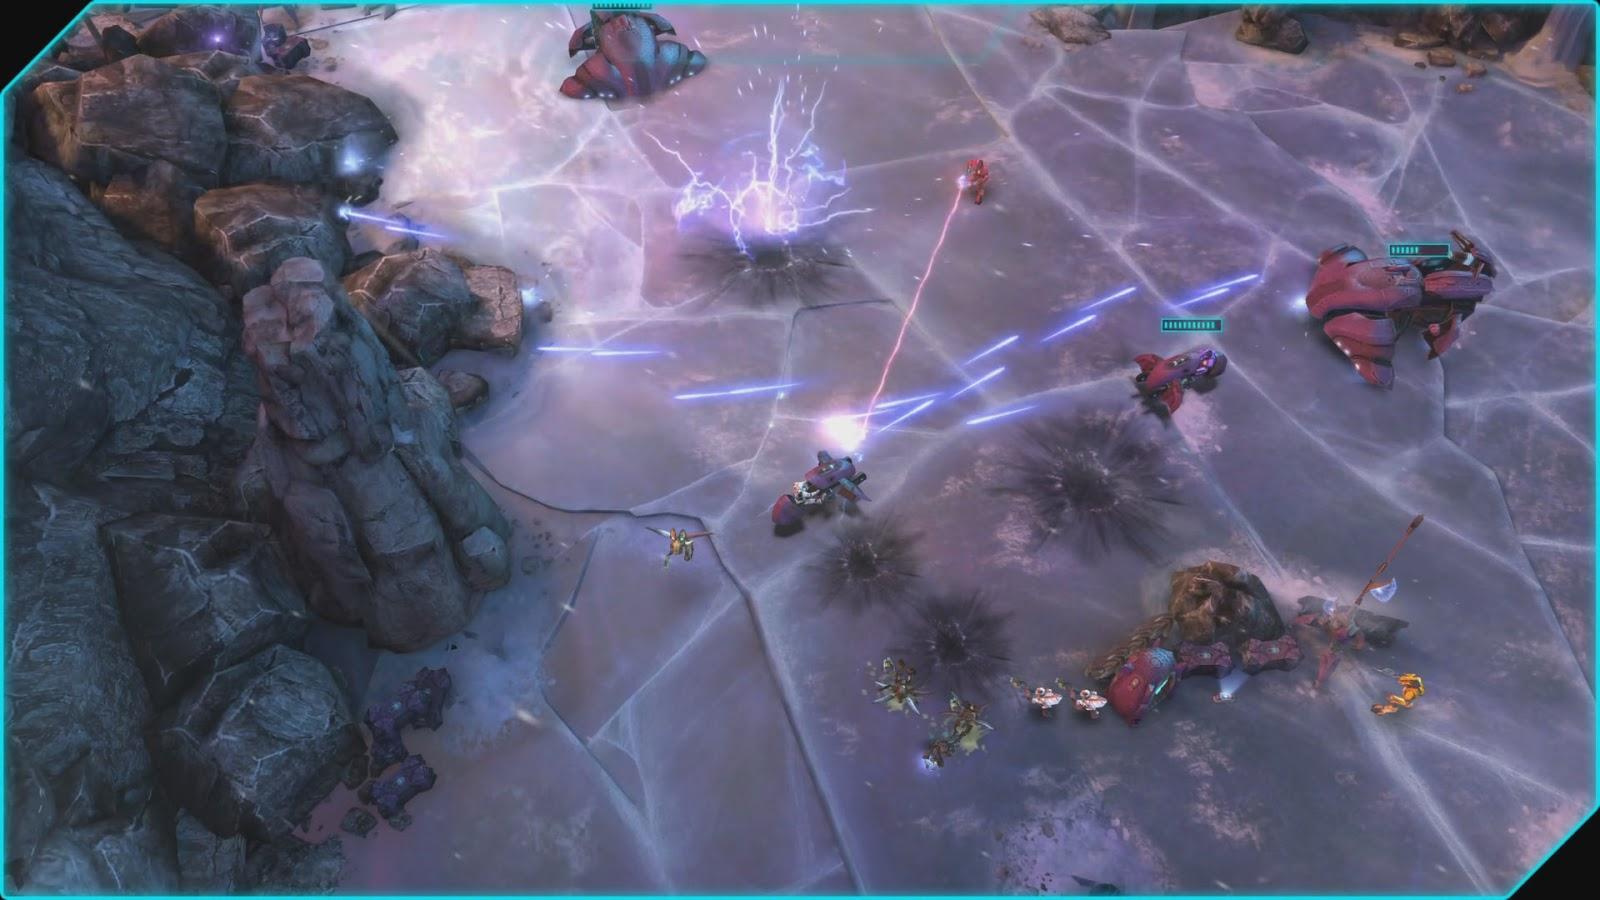 halo-spartan-assault-pc-screenshot-04